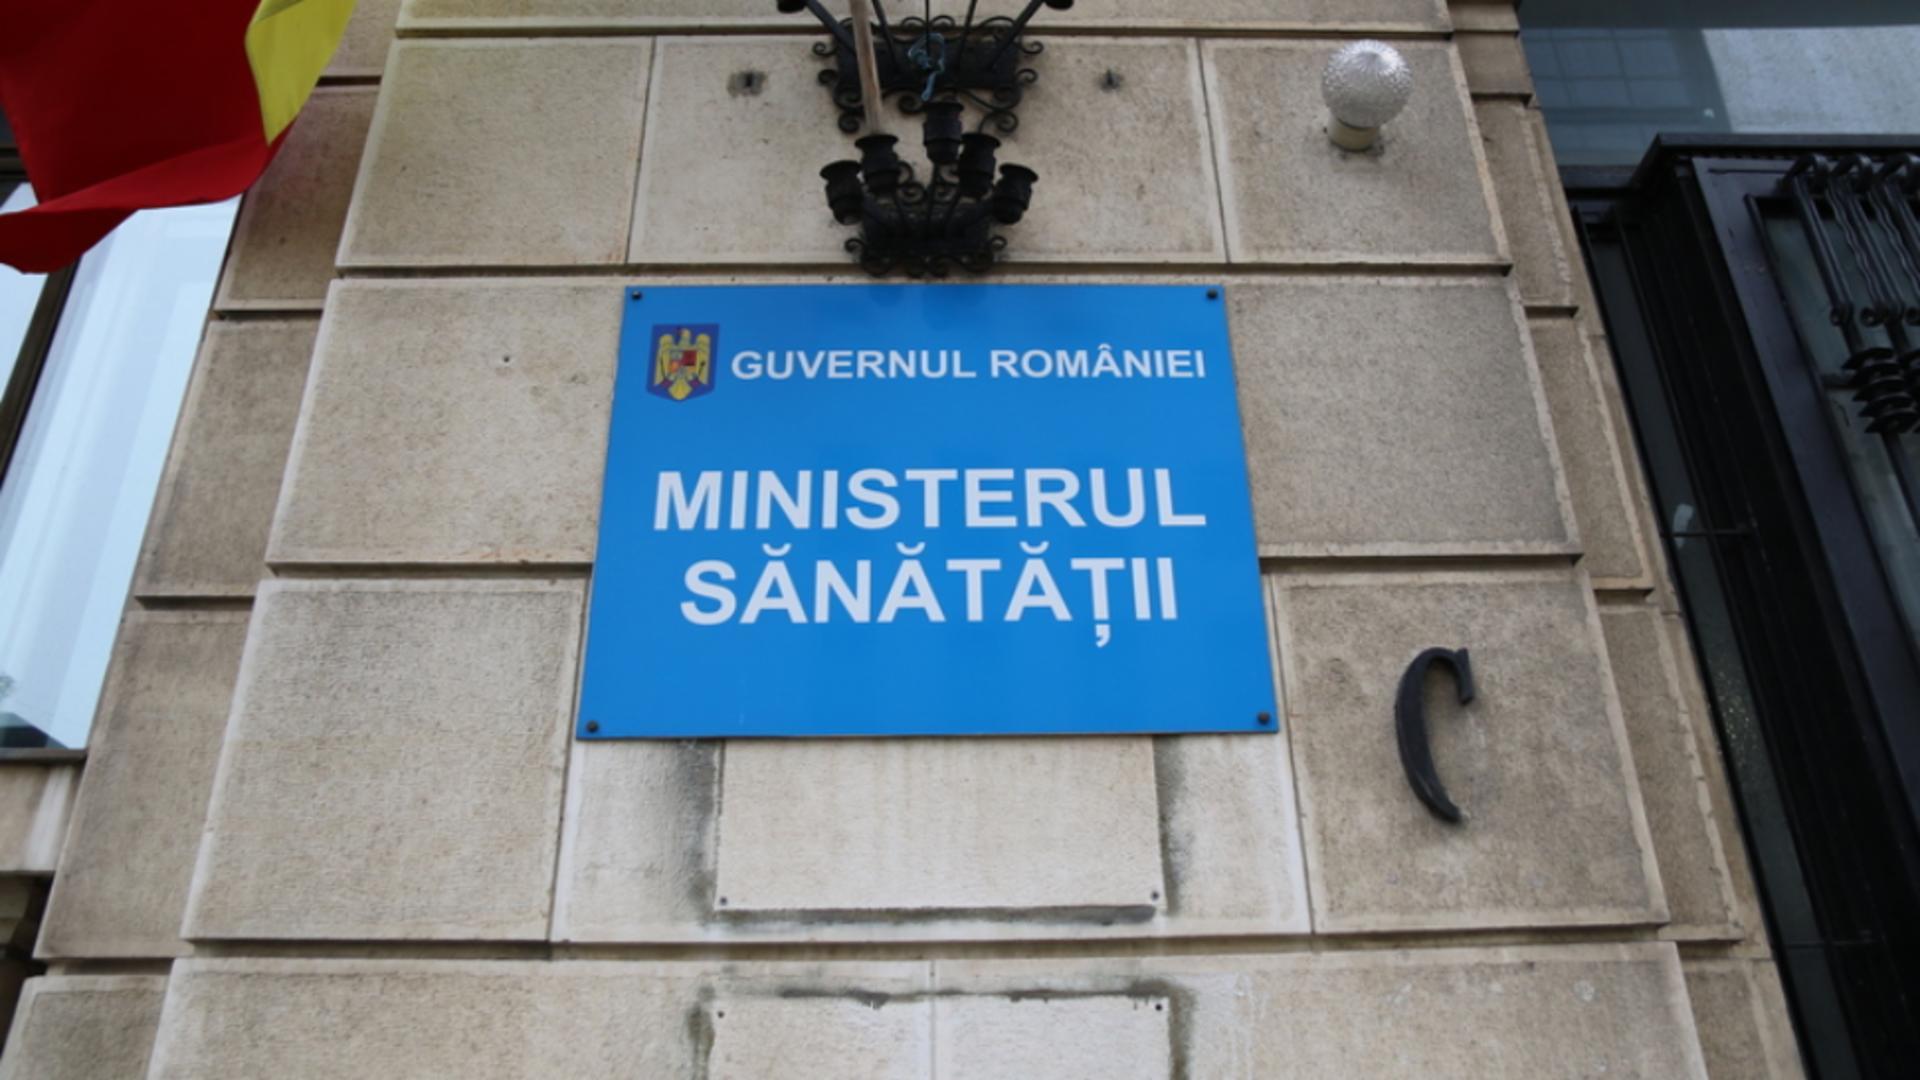 Ministerul Sănătății